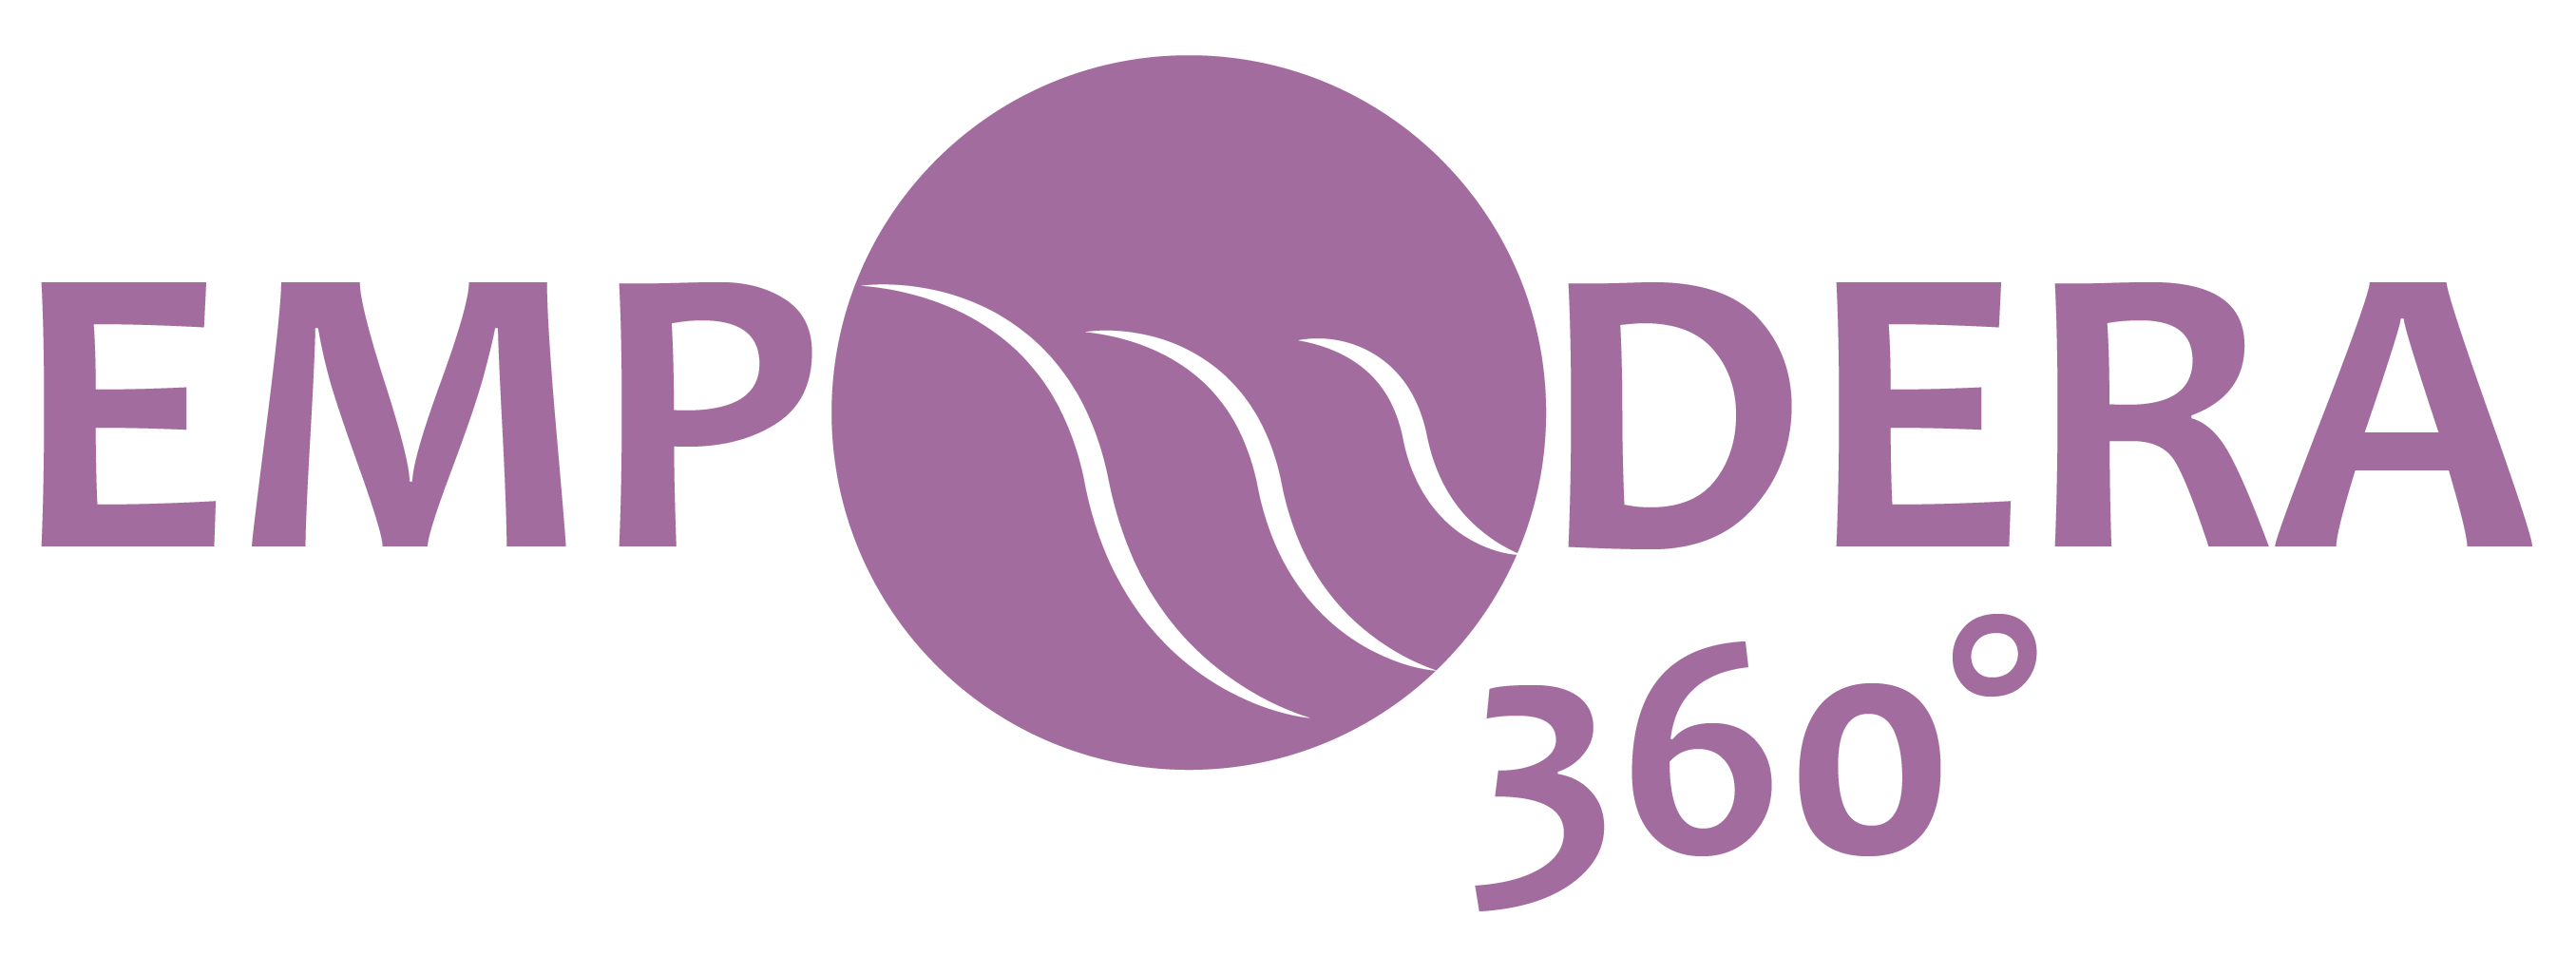 empodera360